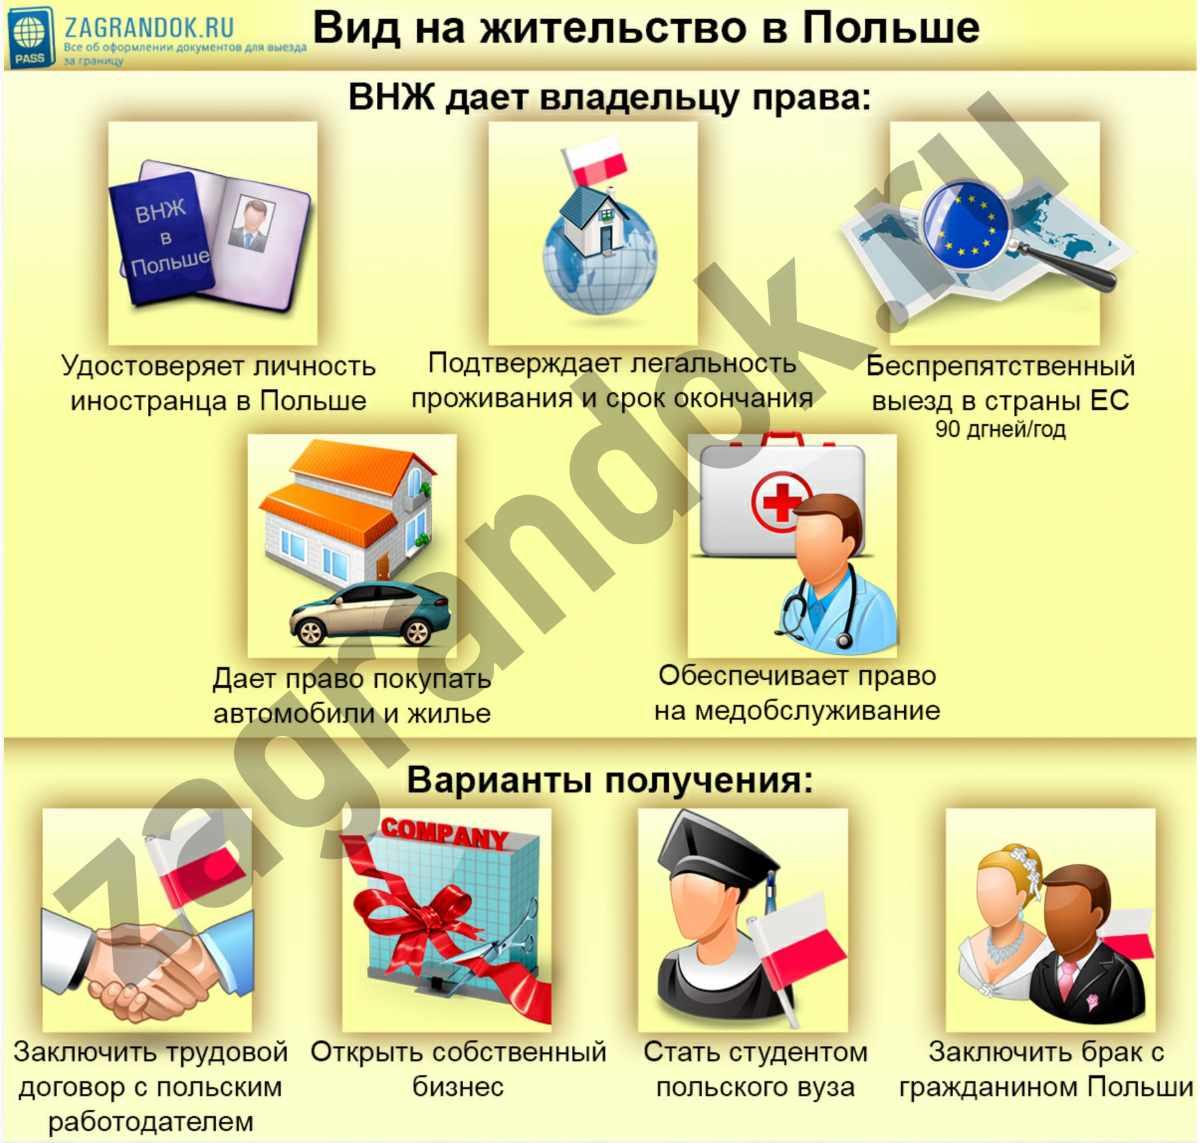 Внж в польше для россиян, украинцев и белорусов